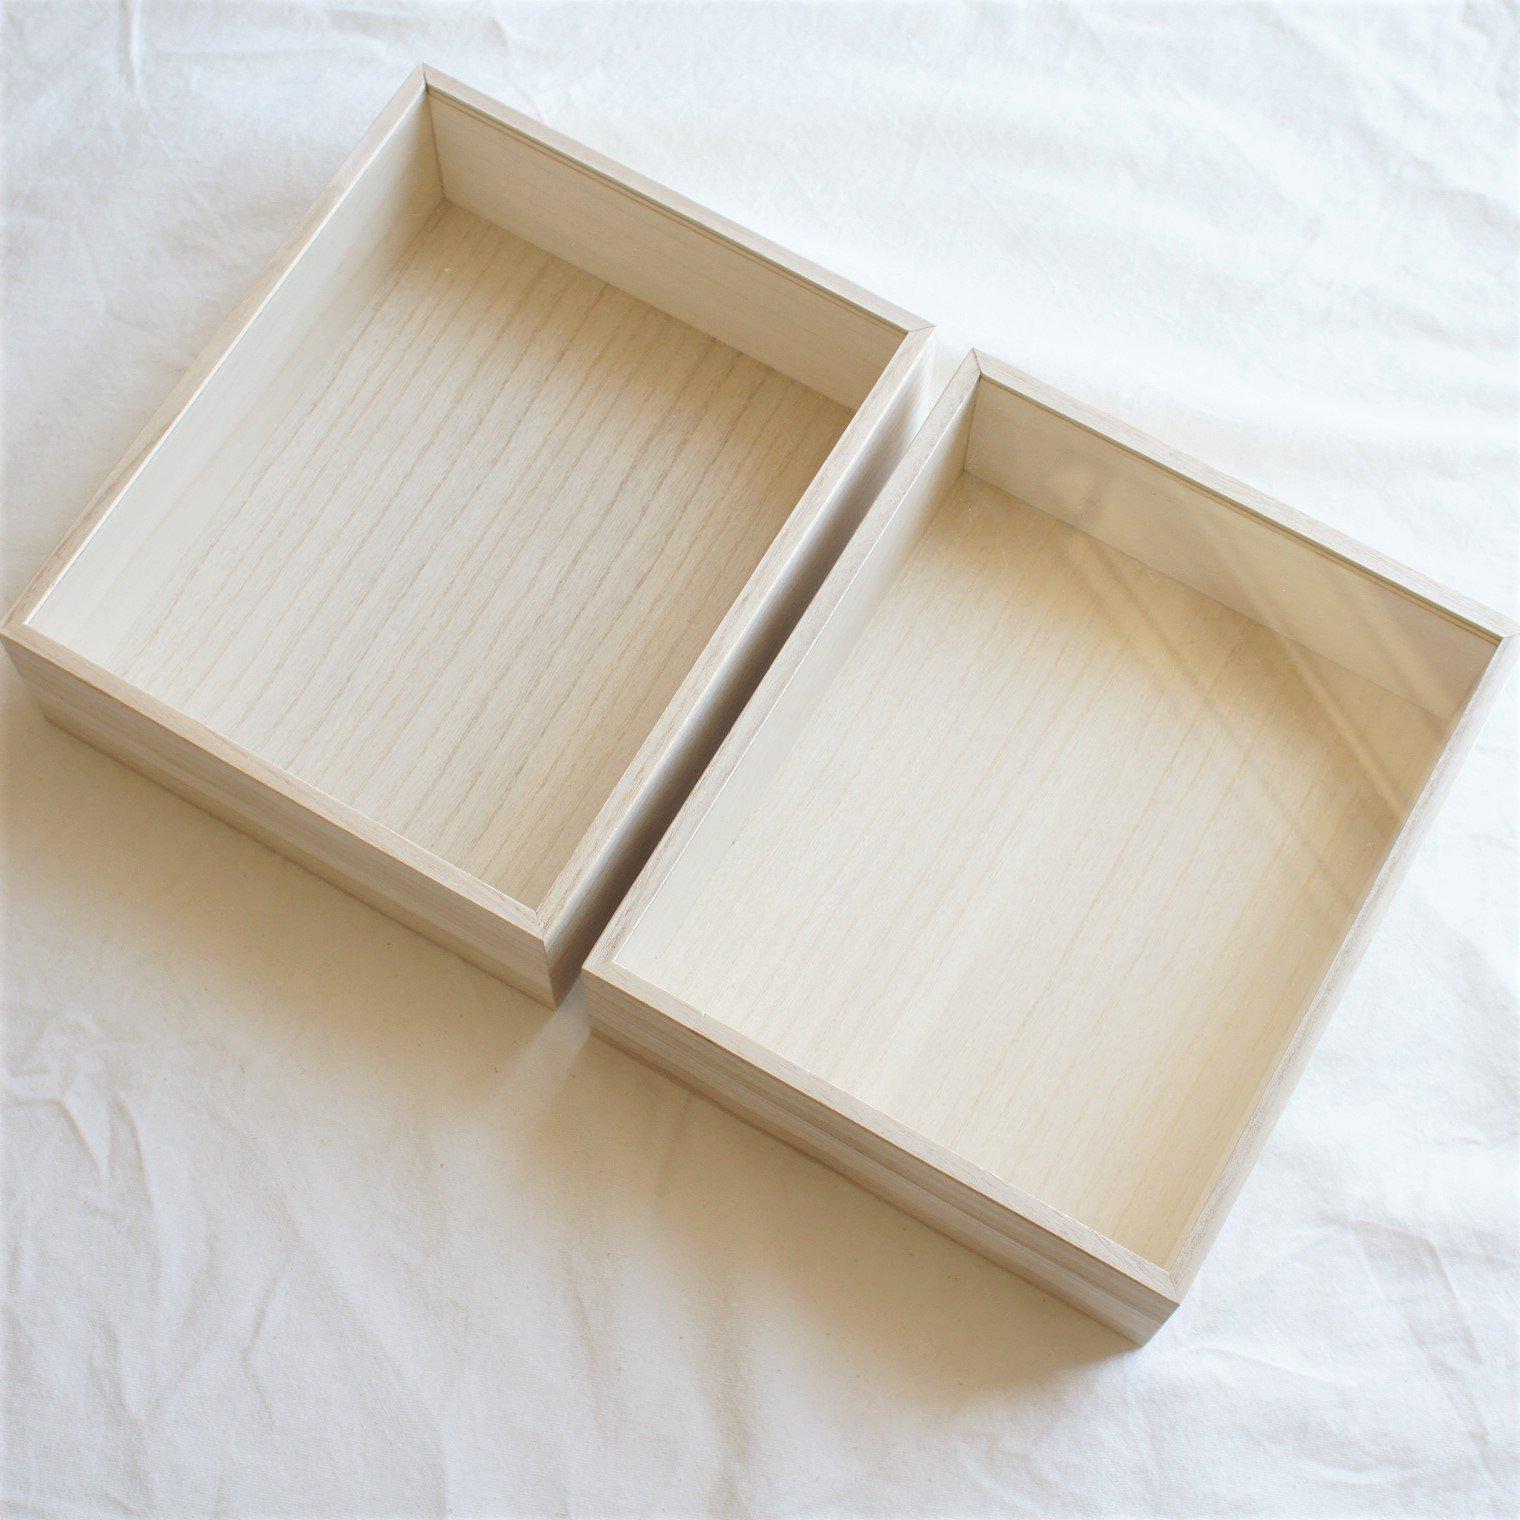 【両親贈呈品用】A4キャンバス専用木製BOX 2個